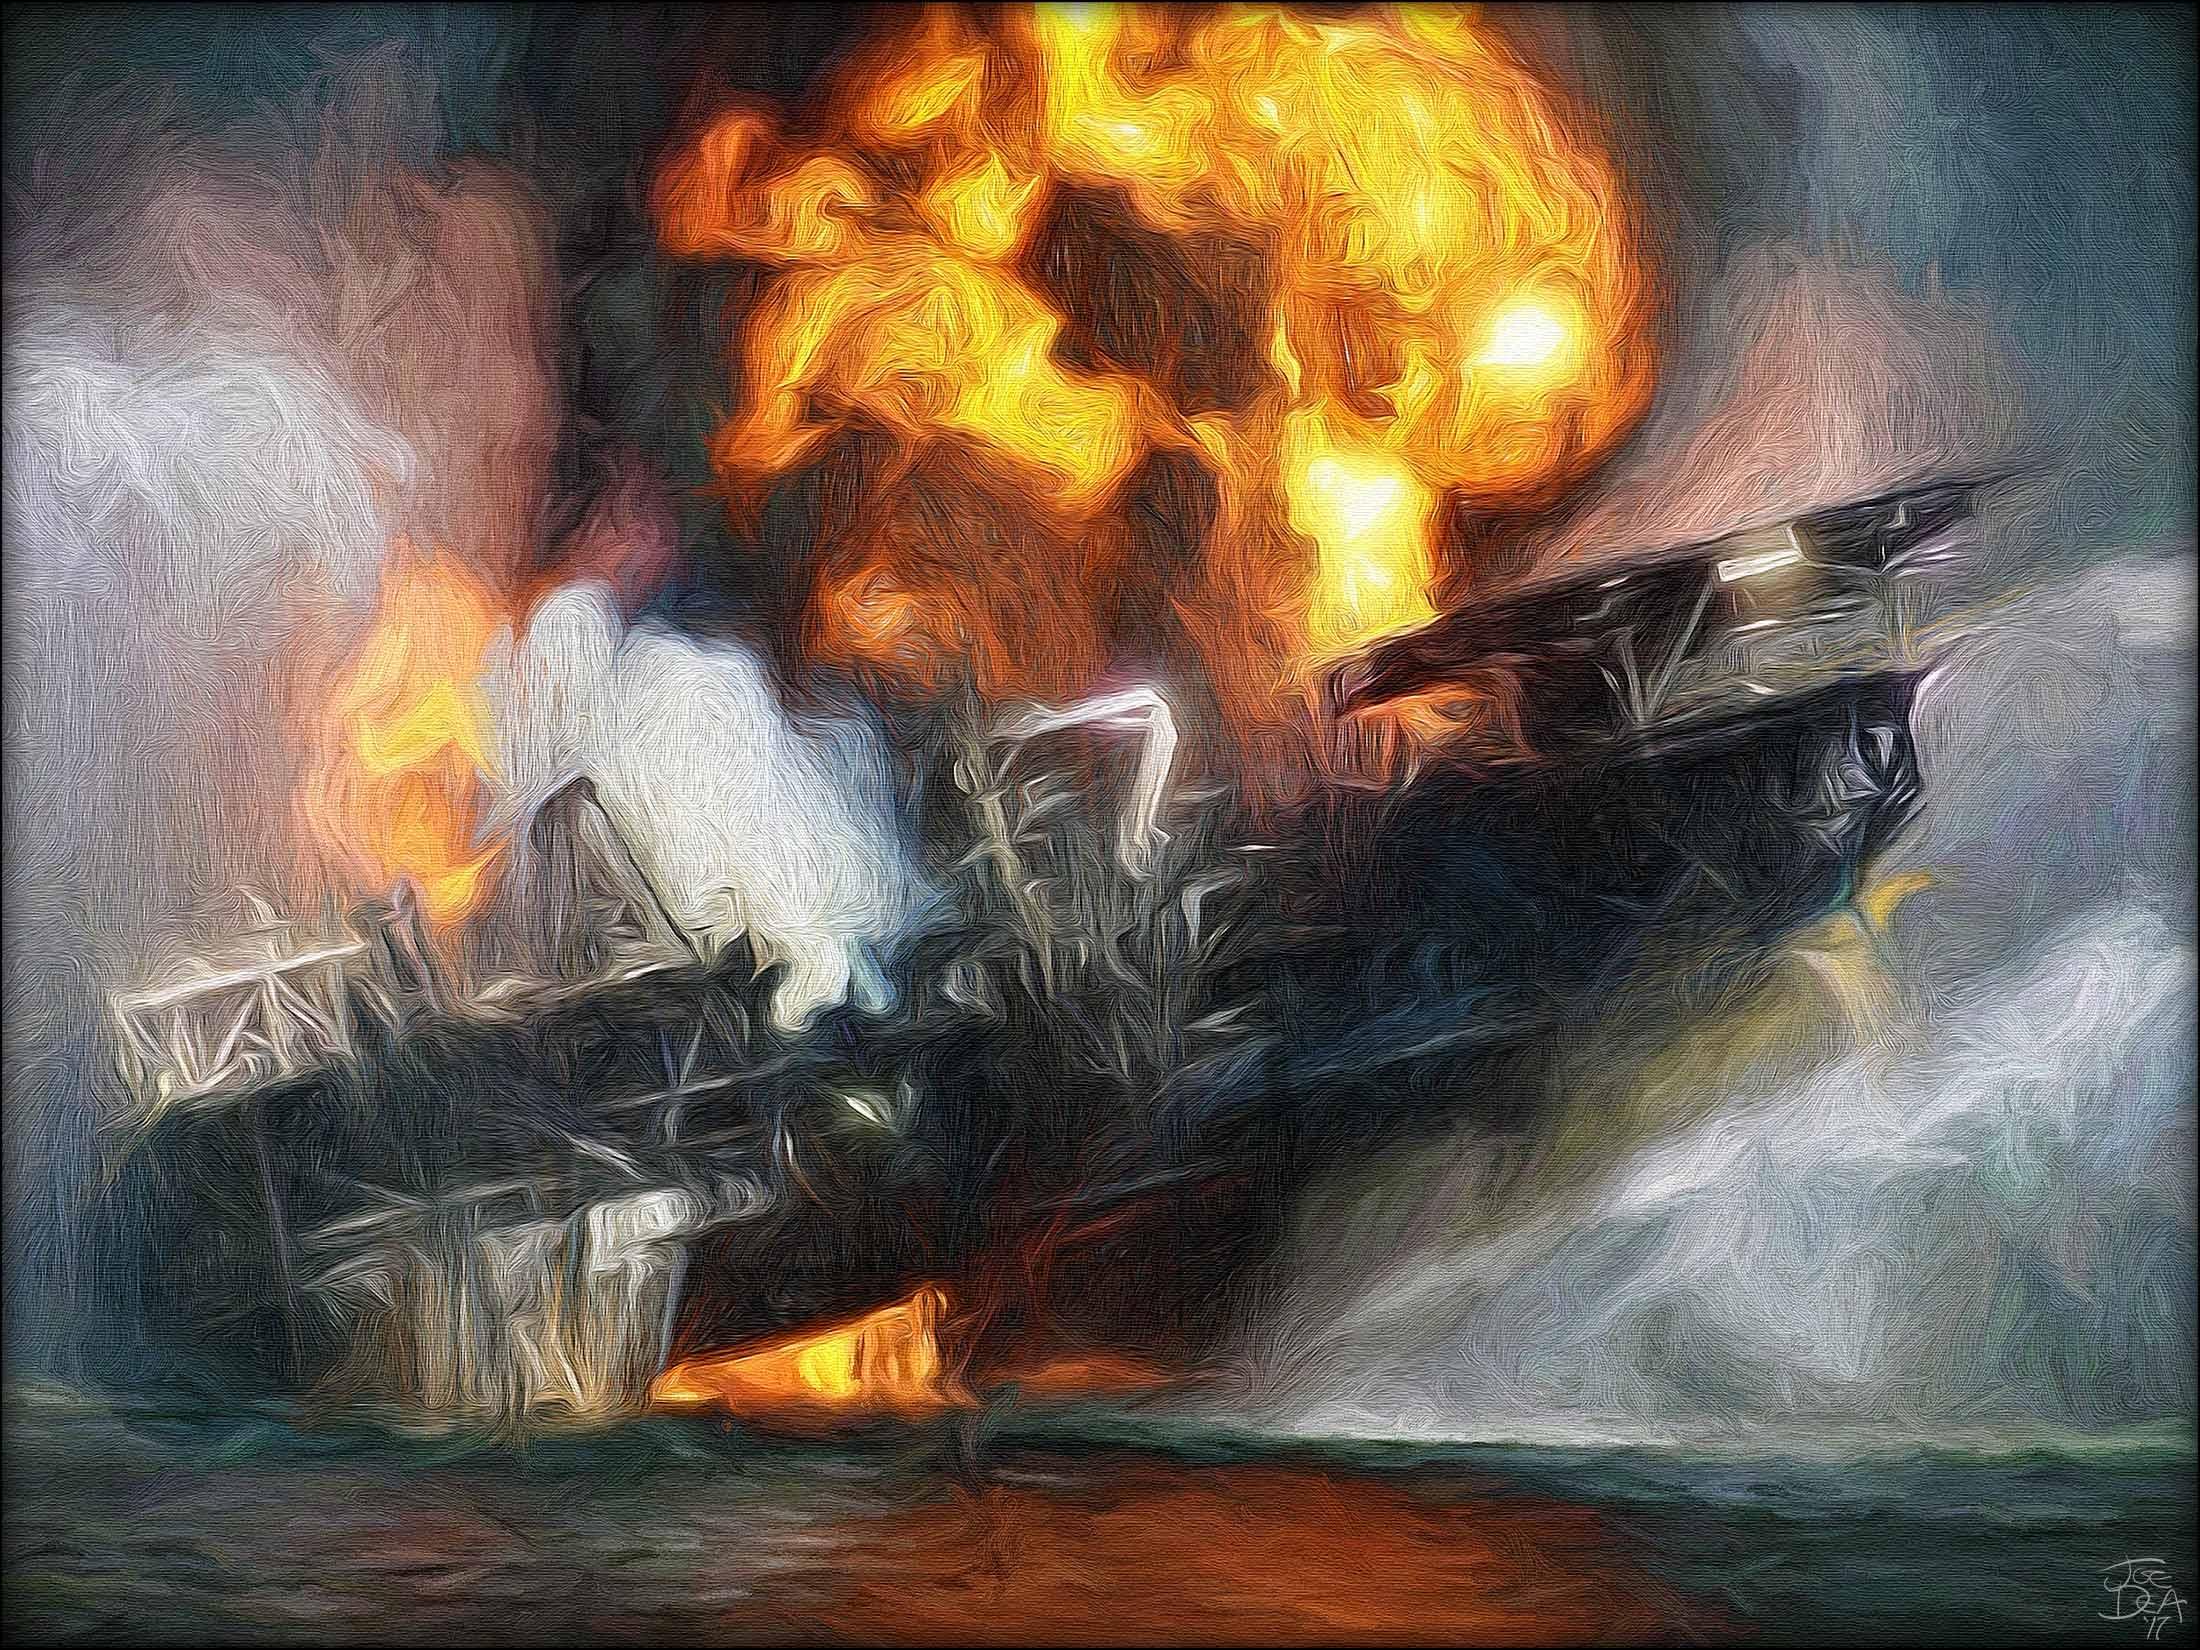 Joe-Dea-Deepwater-Horizon-Painting-Web-flat.jpg